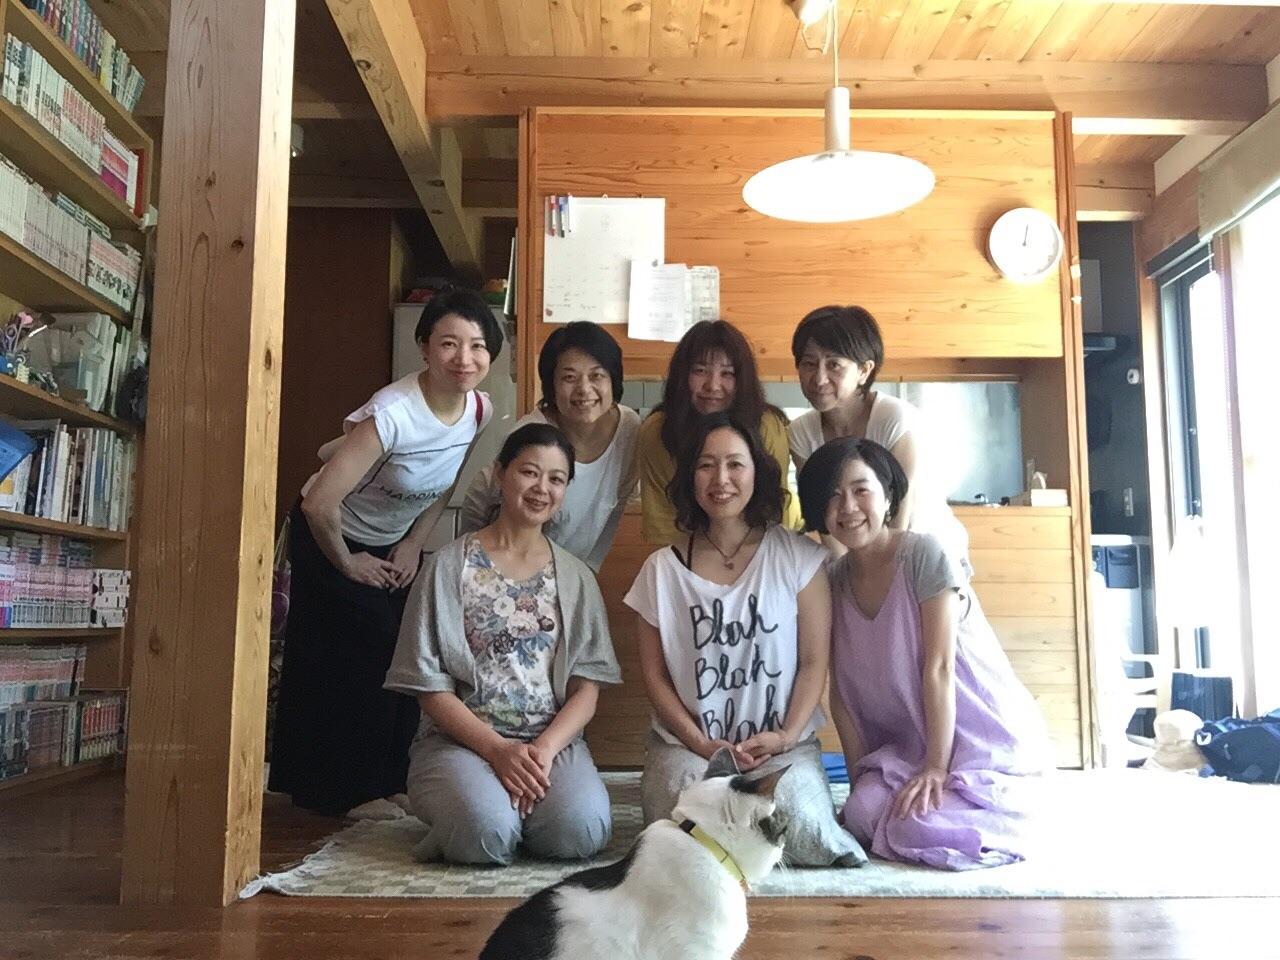 f:id:yogahearts:20170617105902j:image